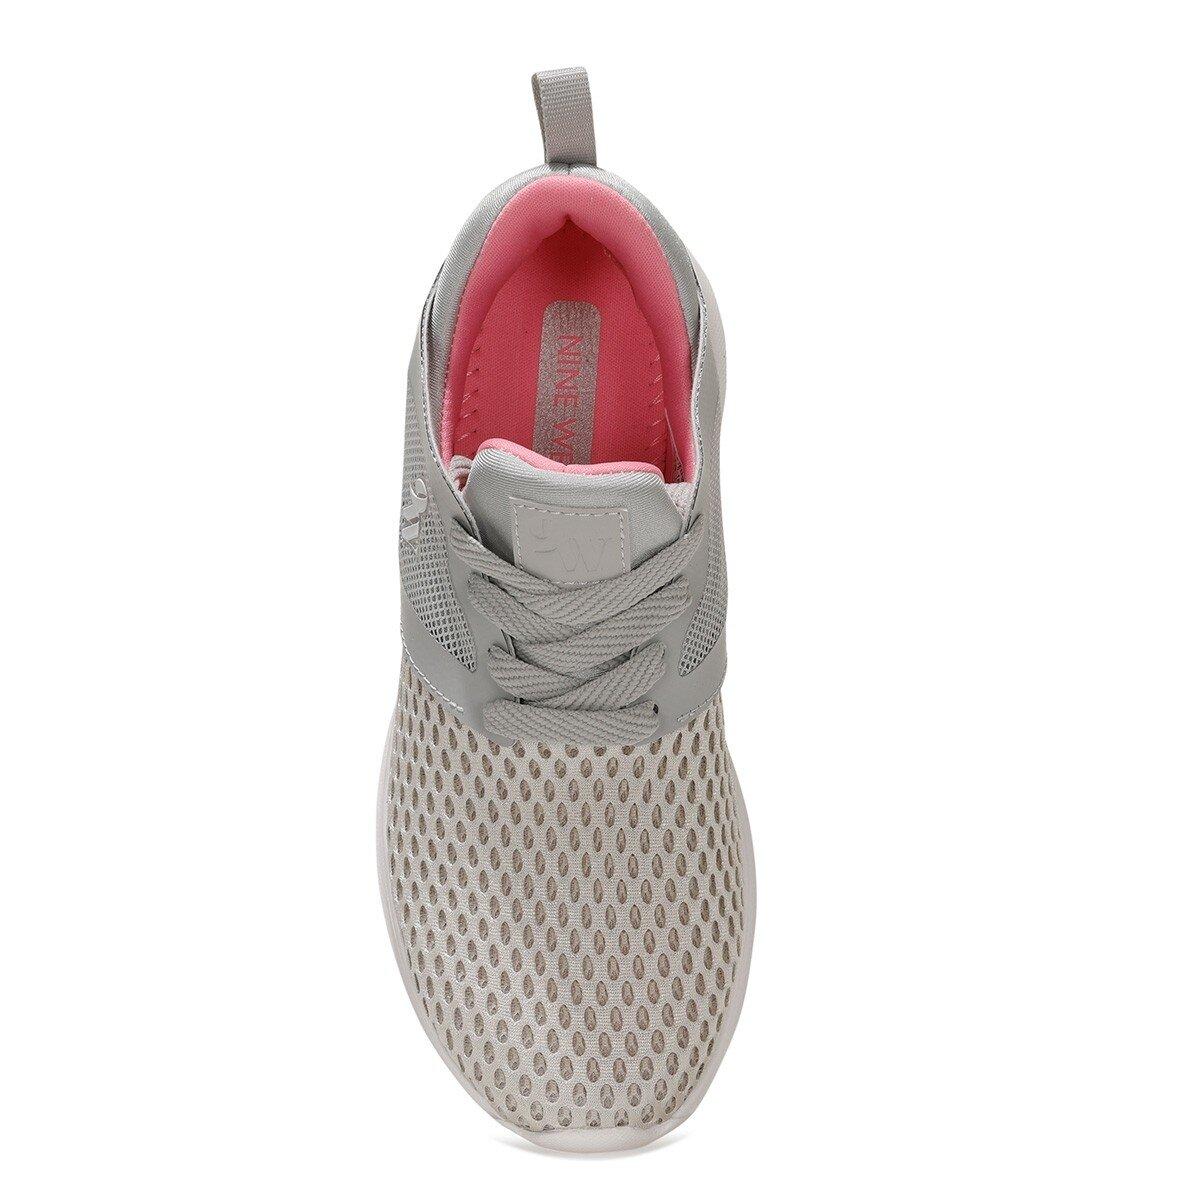 AFAUCIA 1FX Açık Gri Kadın Sneaker